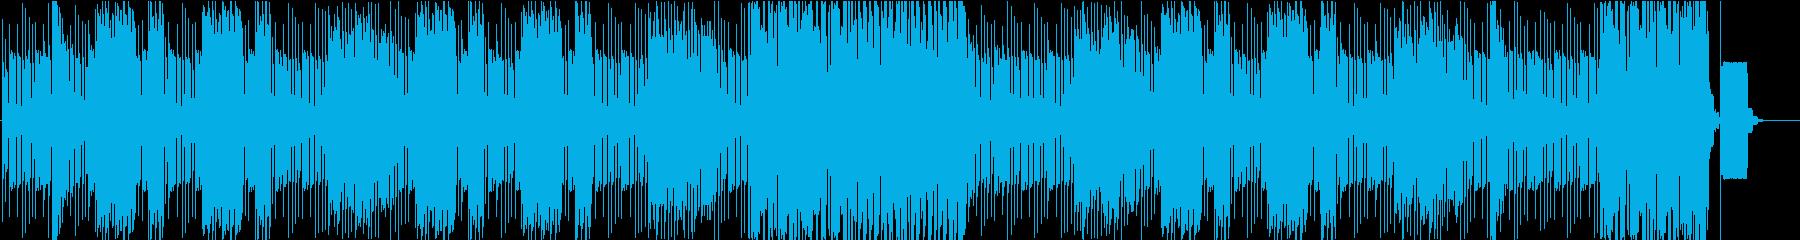 ファミコンラスボス・熱を感じるサイエンスの再生済みの波形